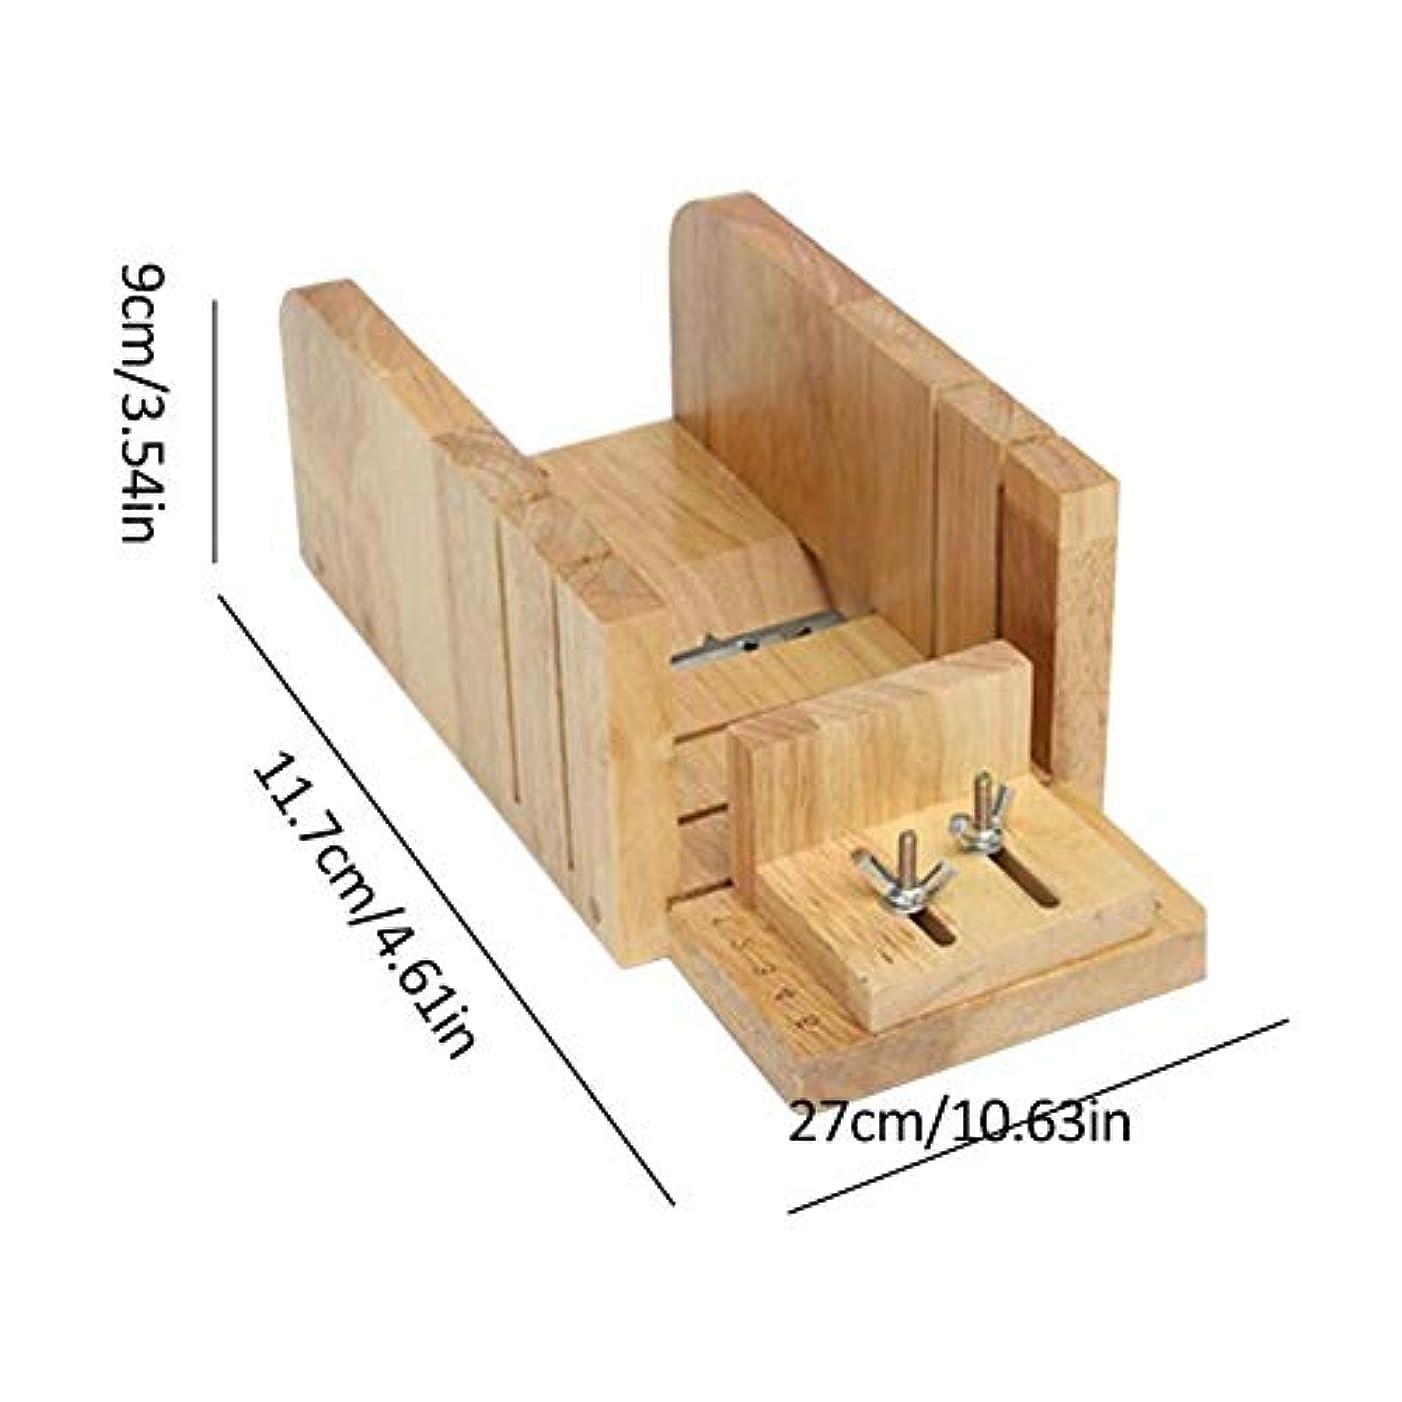 マダムアーク操作3点セット ソープカッター 石けん金型ソープロープ カッター 木製 カッター ツールDIY 手作り 木製ボックス松木製 ストレートソープ包丁 ナイフ モールドソープ調整可能レトロ